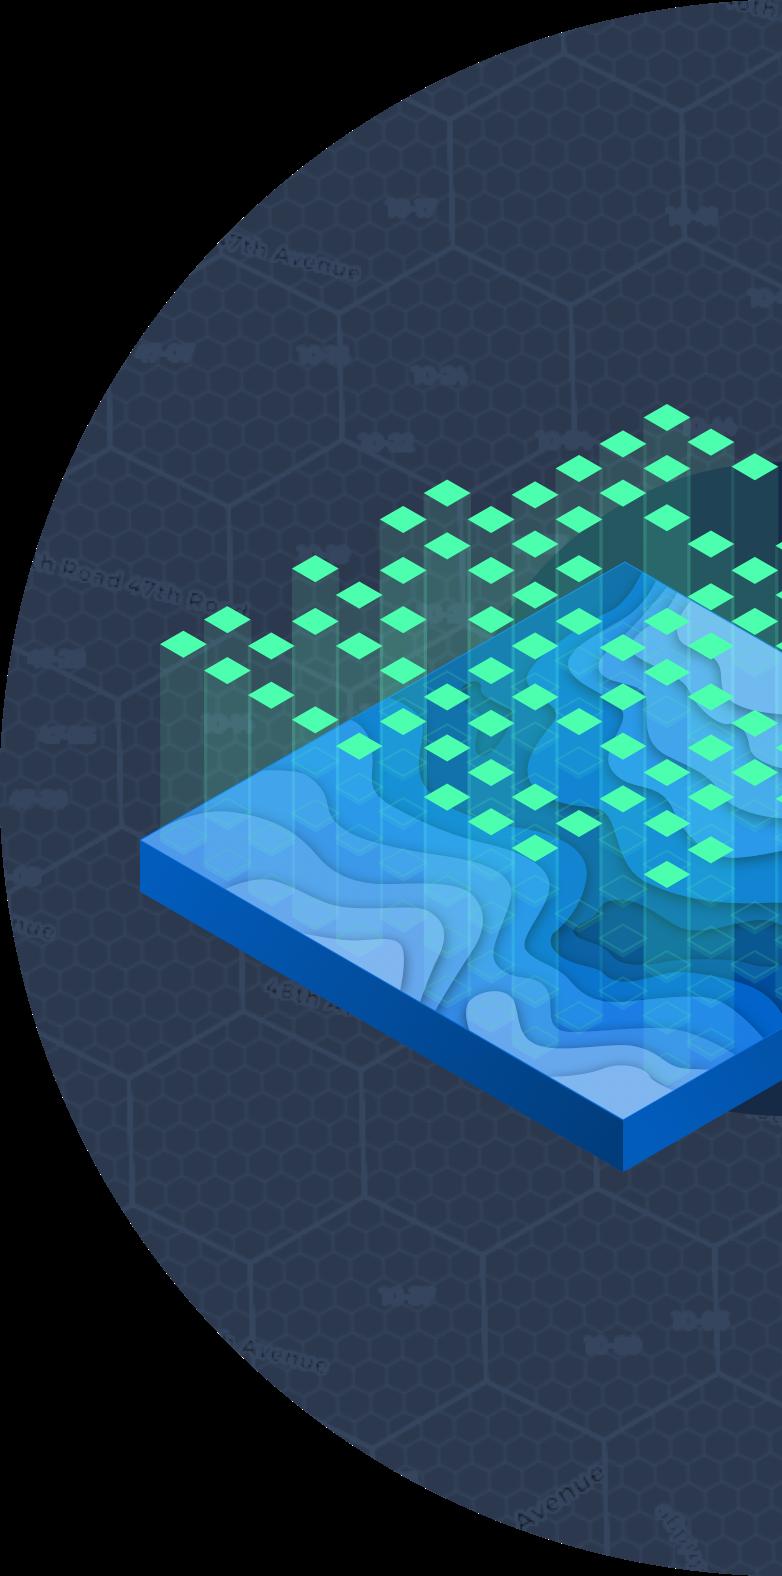 Datacapture image